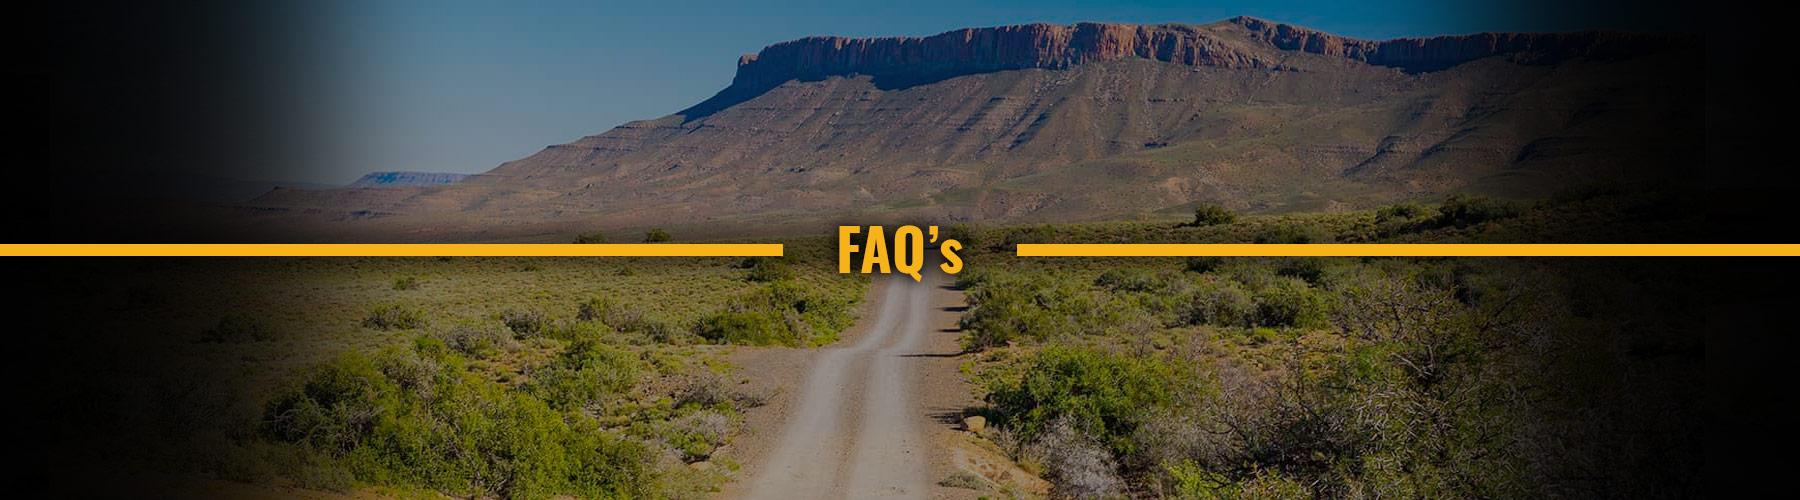 Twisted Trails - FAQs